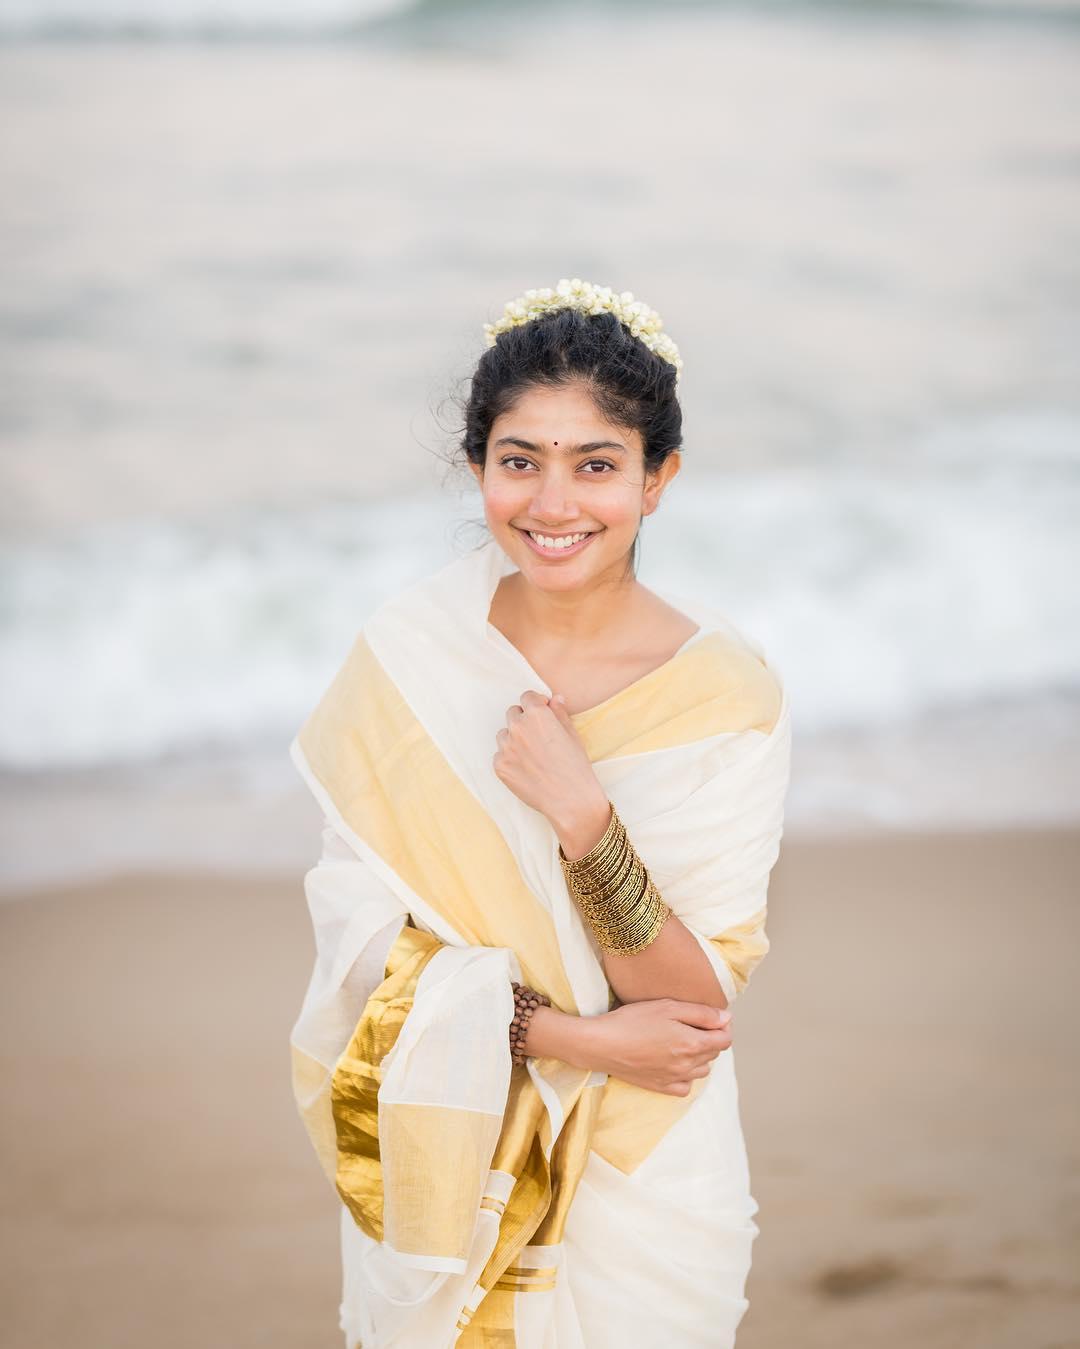 సాయి పల్లవి ఫోటోస్ Photo: Instagram.com/saipallavi.senthamarai